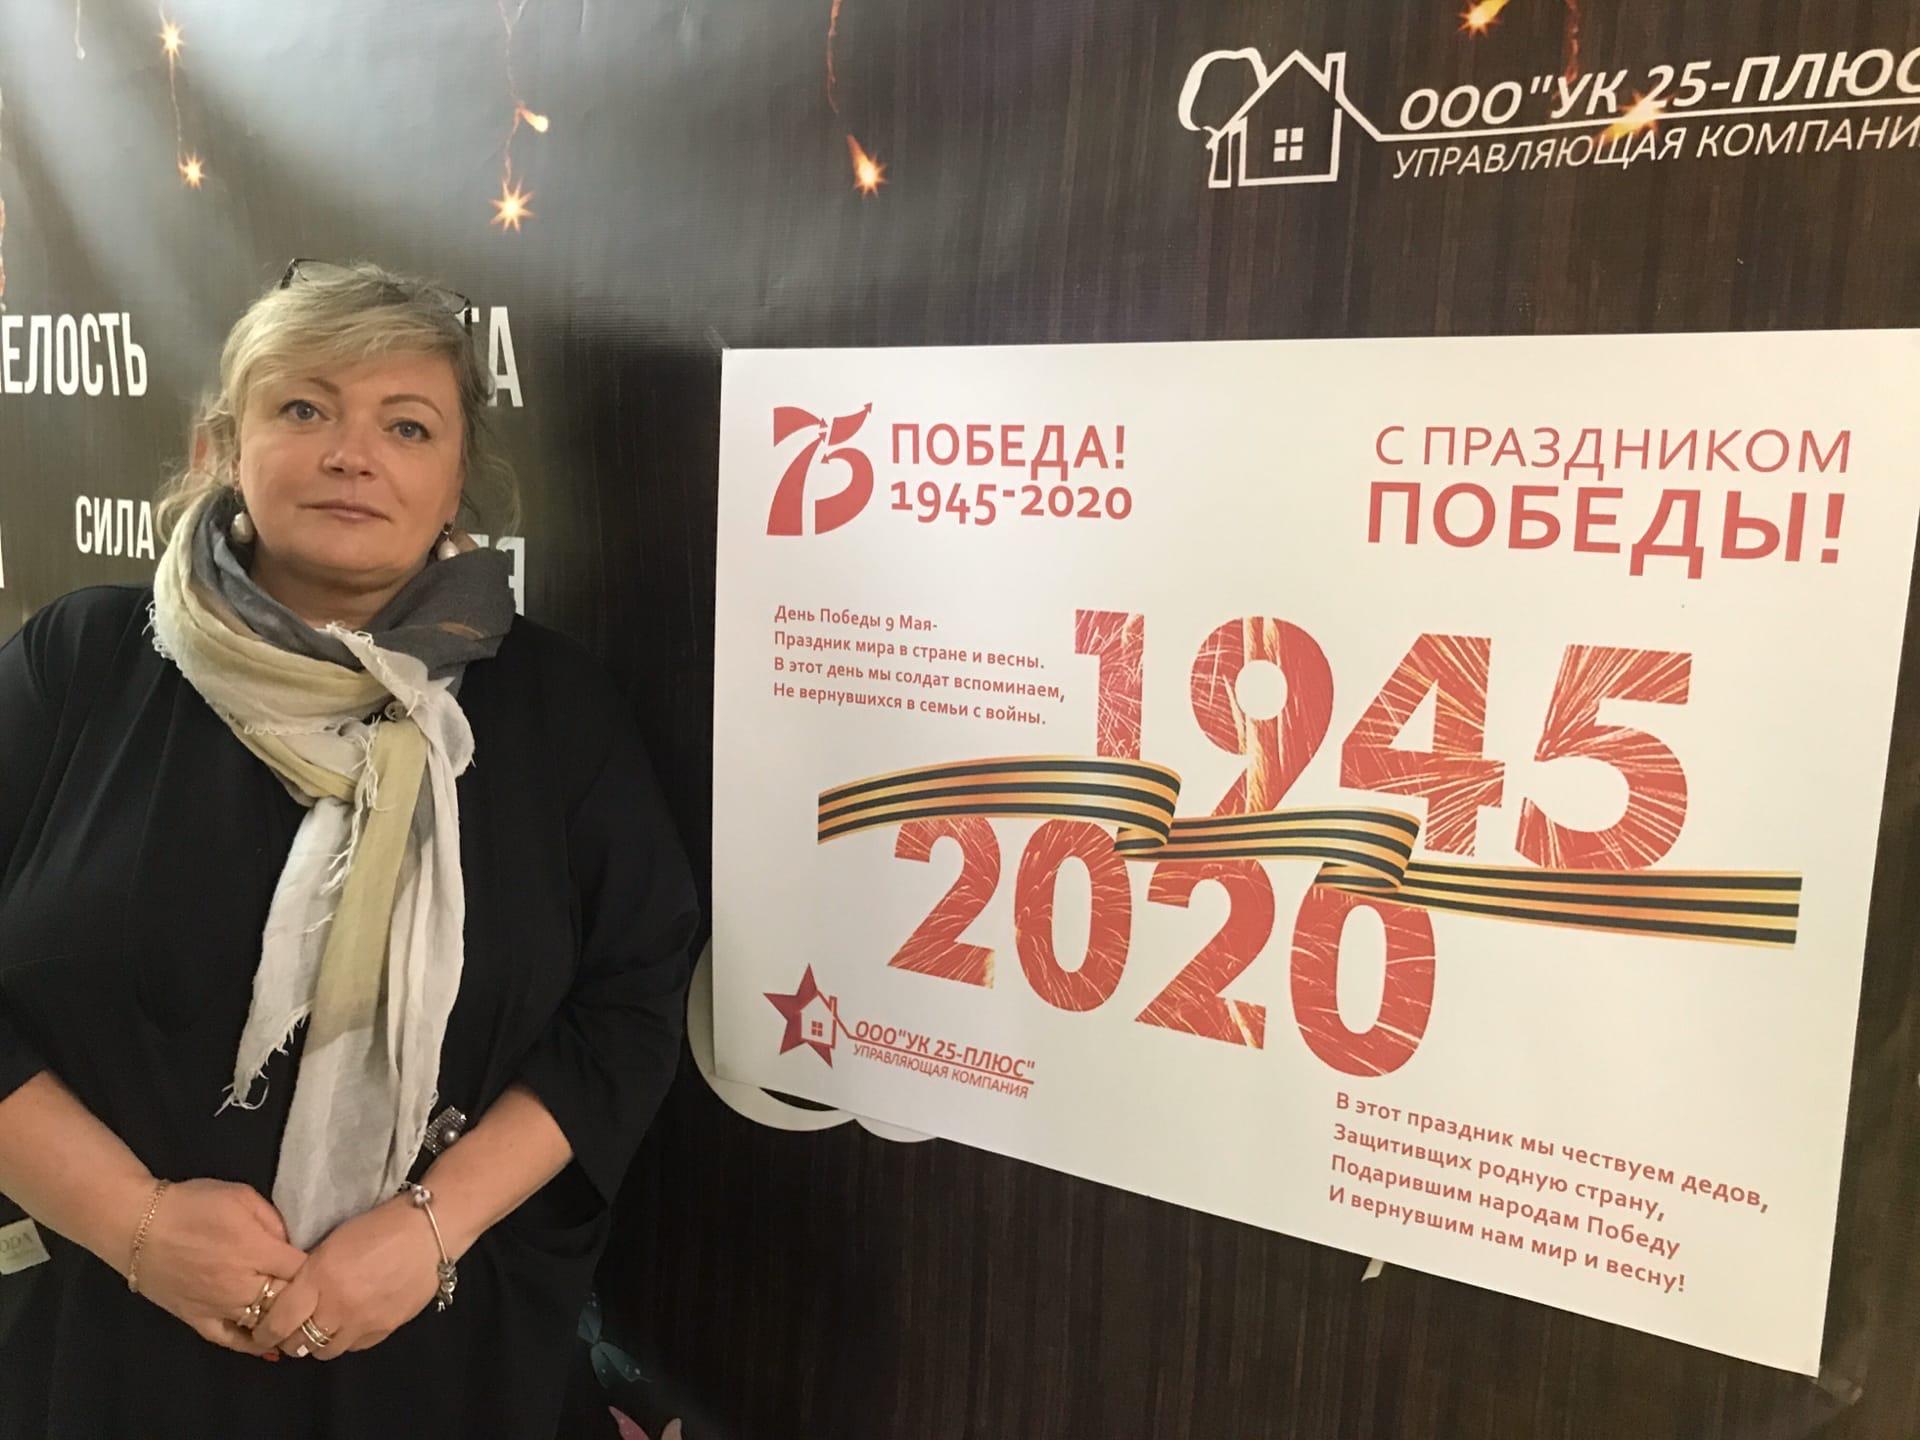 В этом году отмечается 75-я годовщины великой